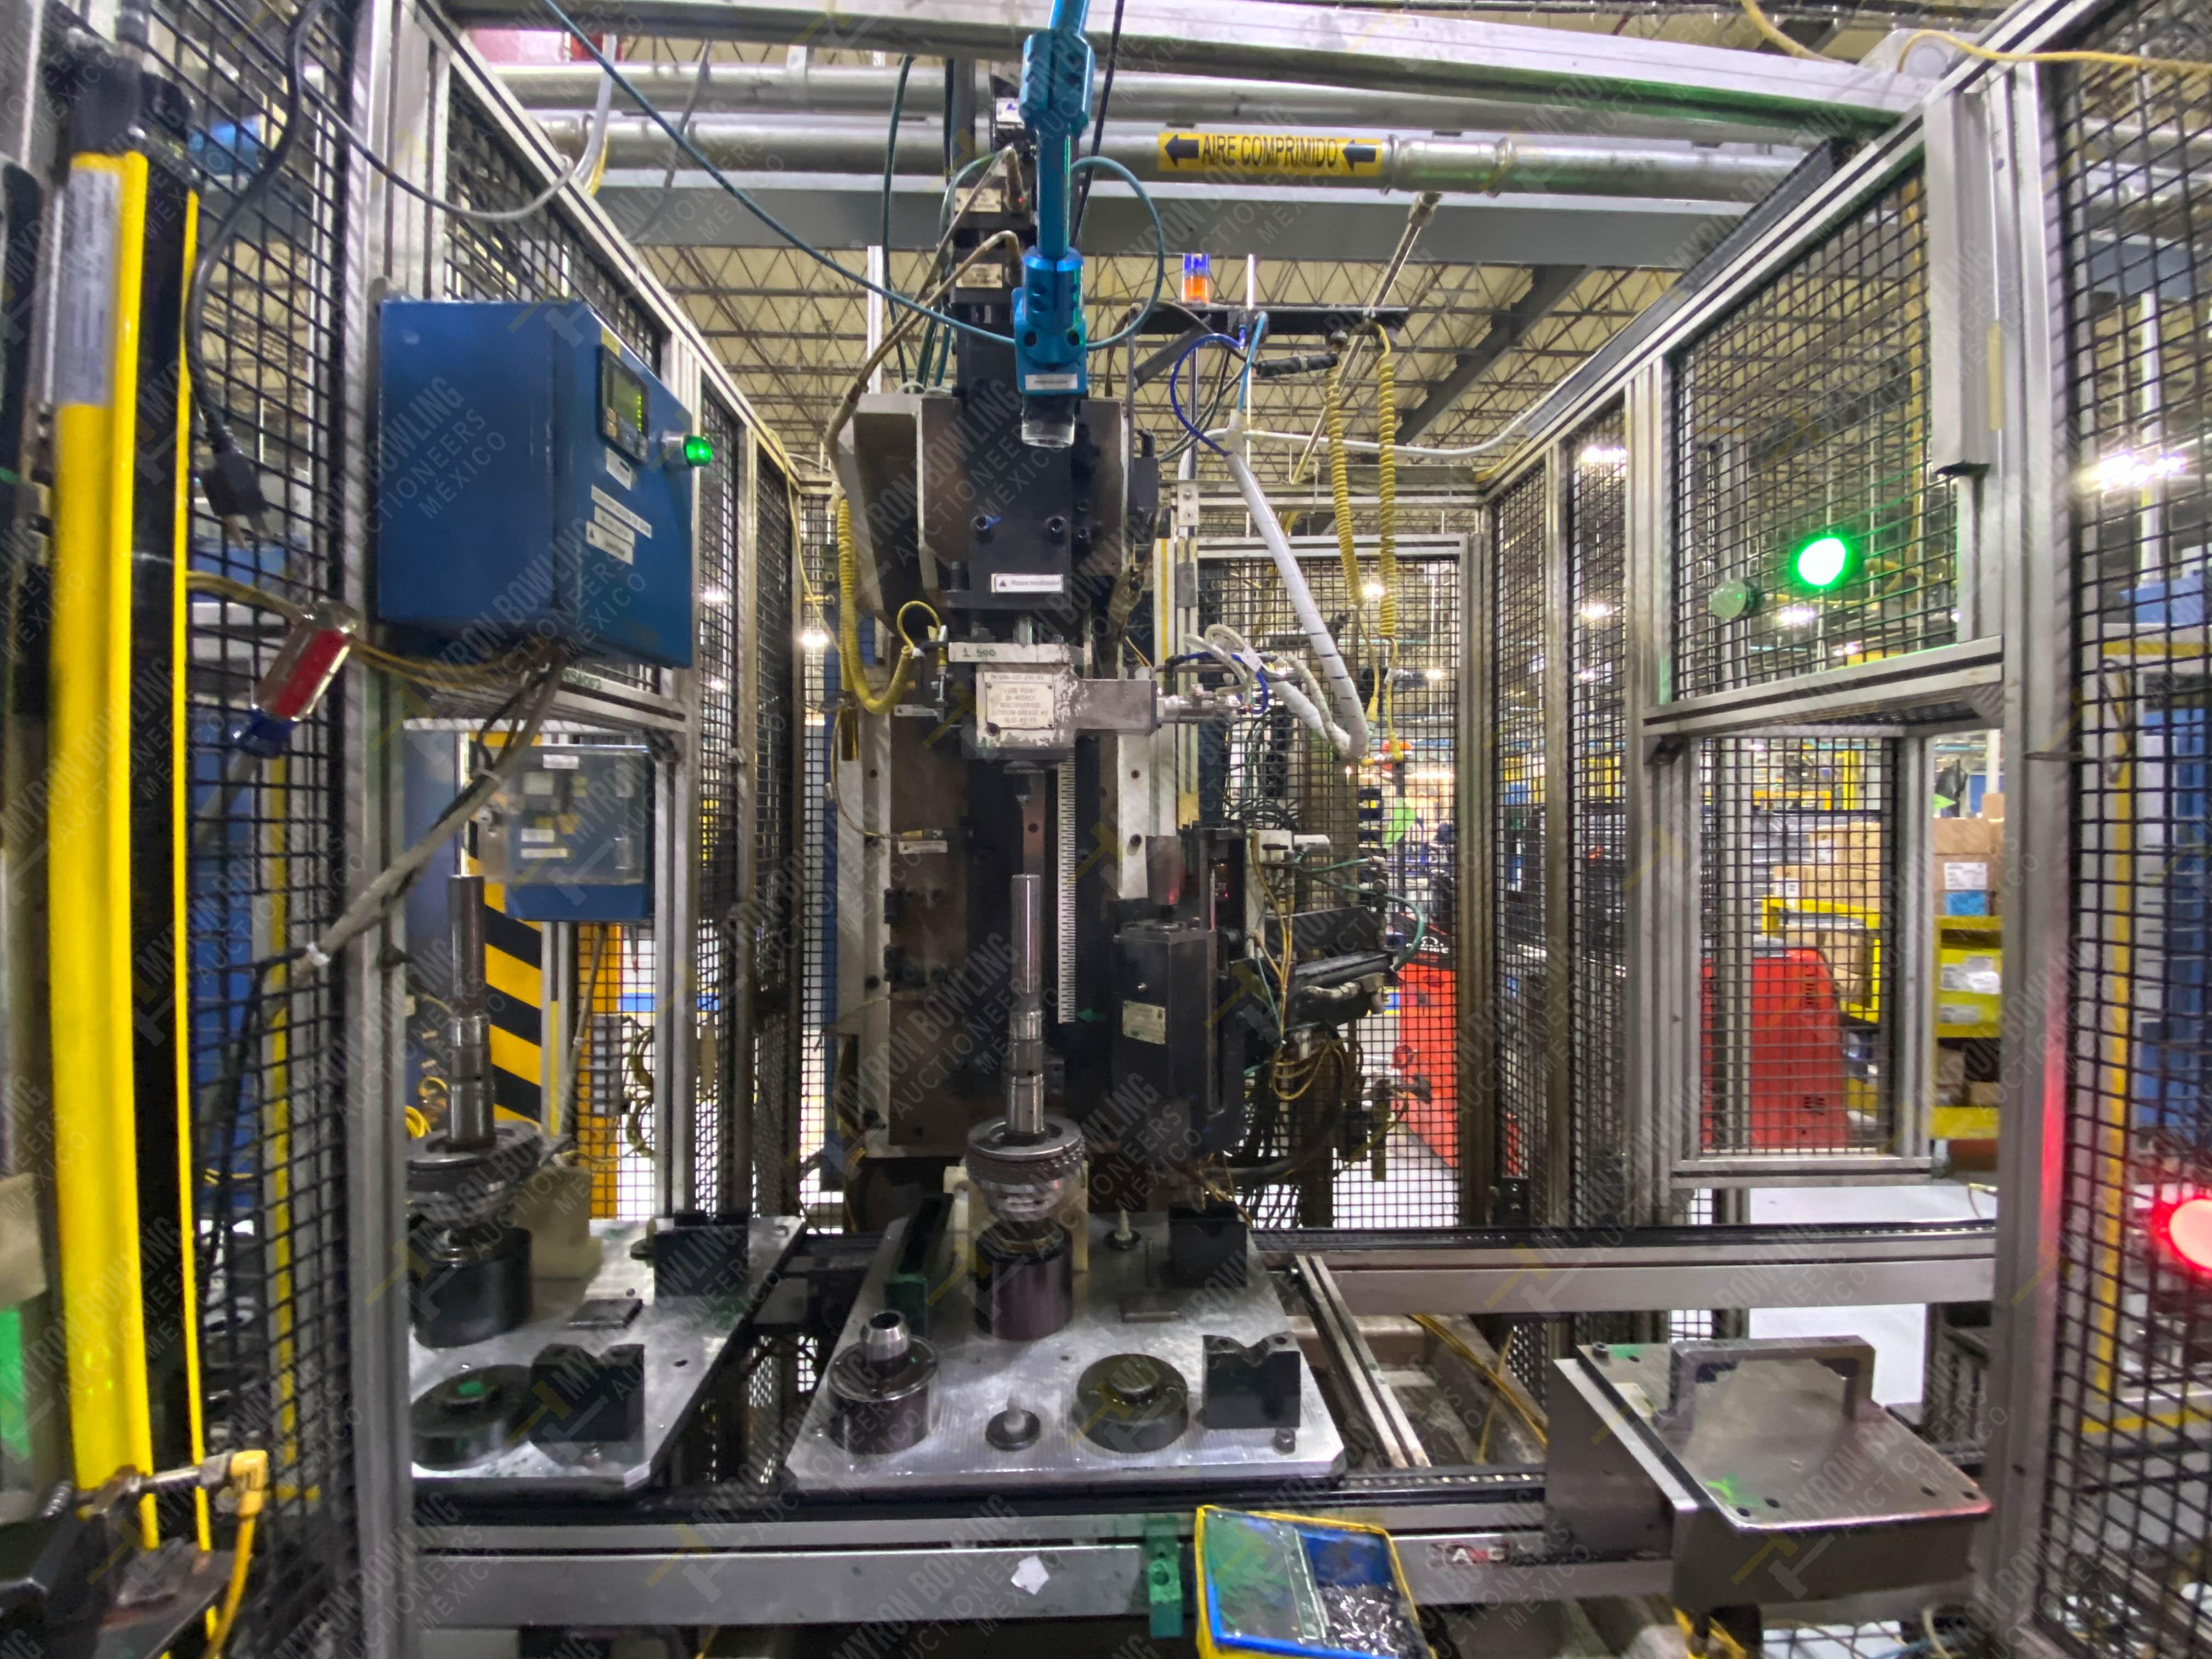 Estación semiautomáticapara operación 235 de ensamble de candado - Image 3 of 22